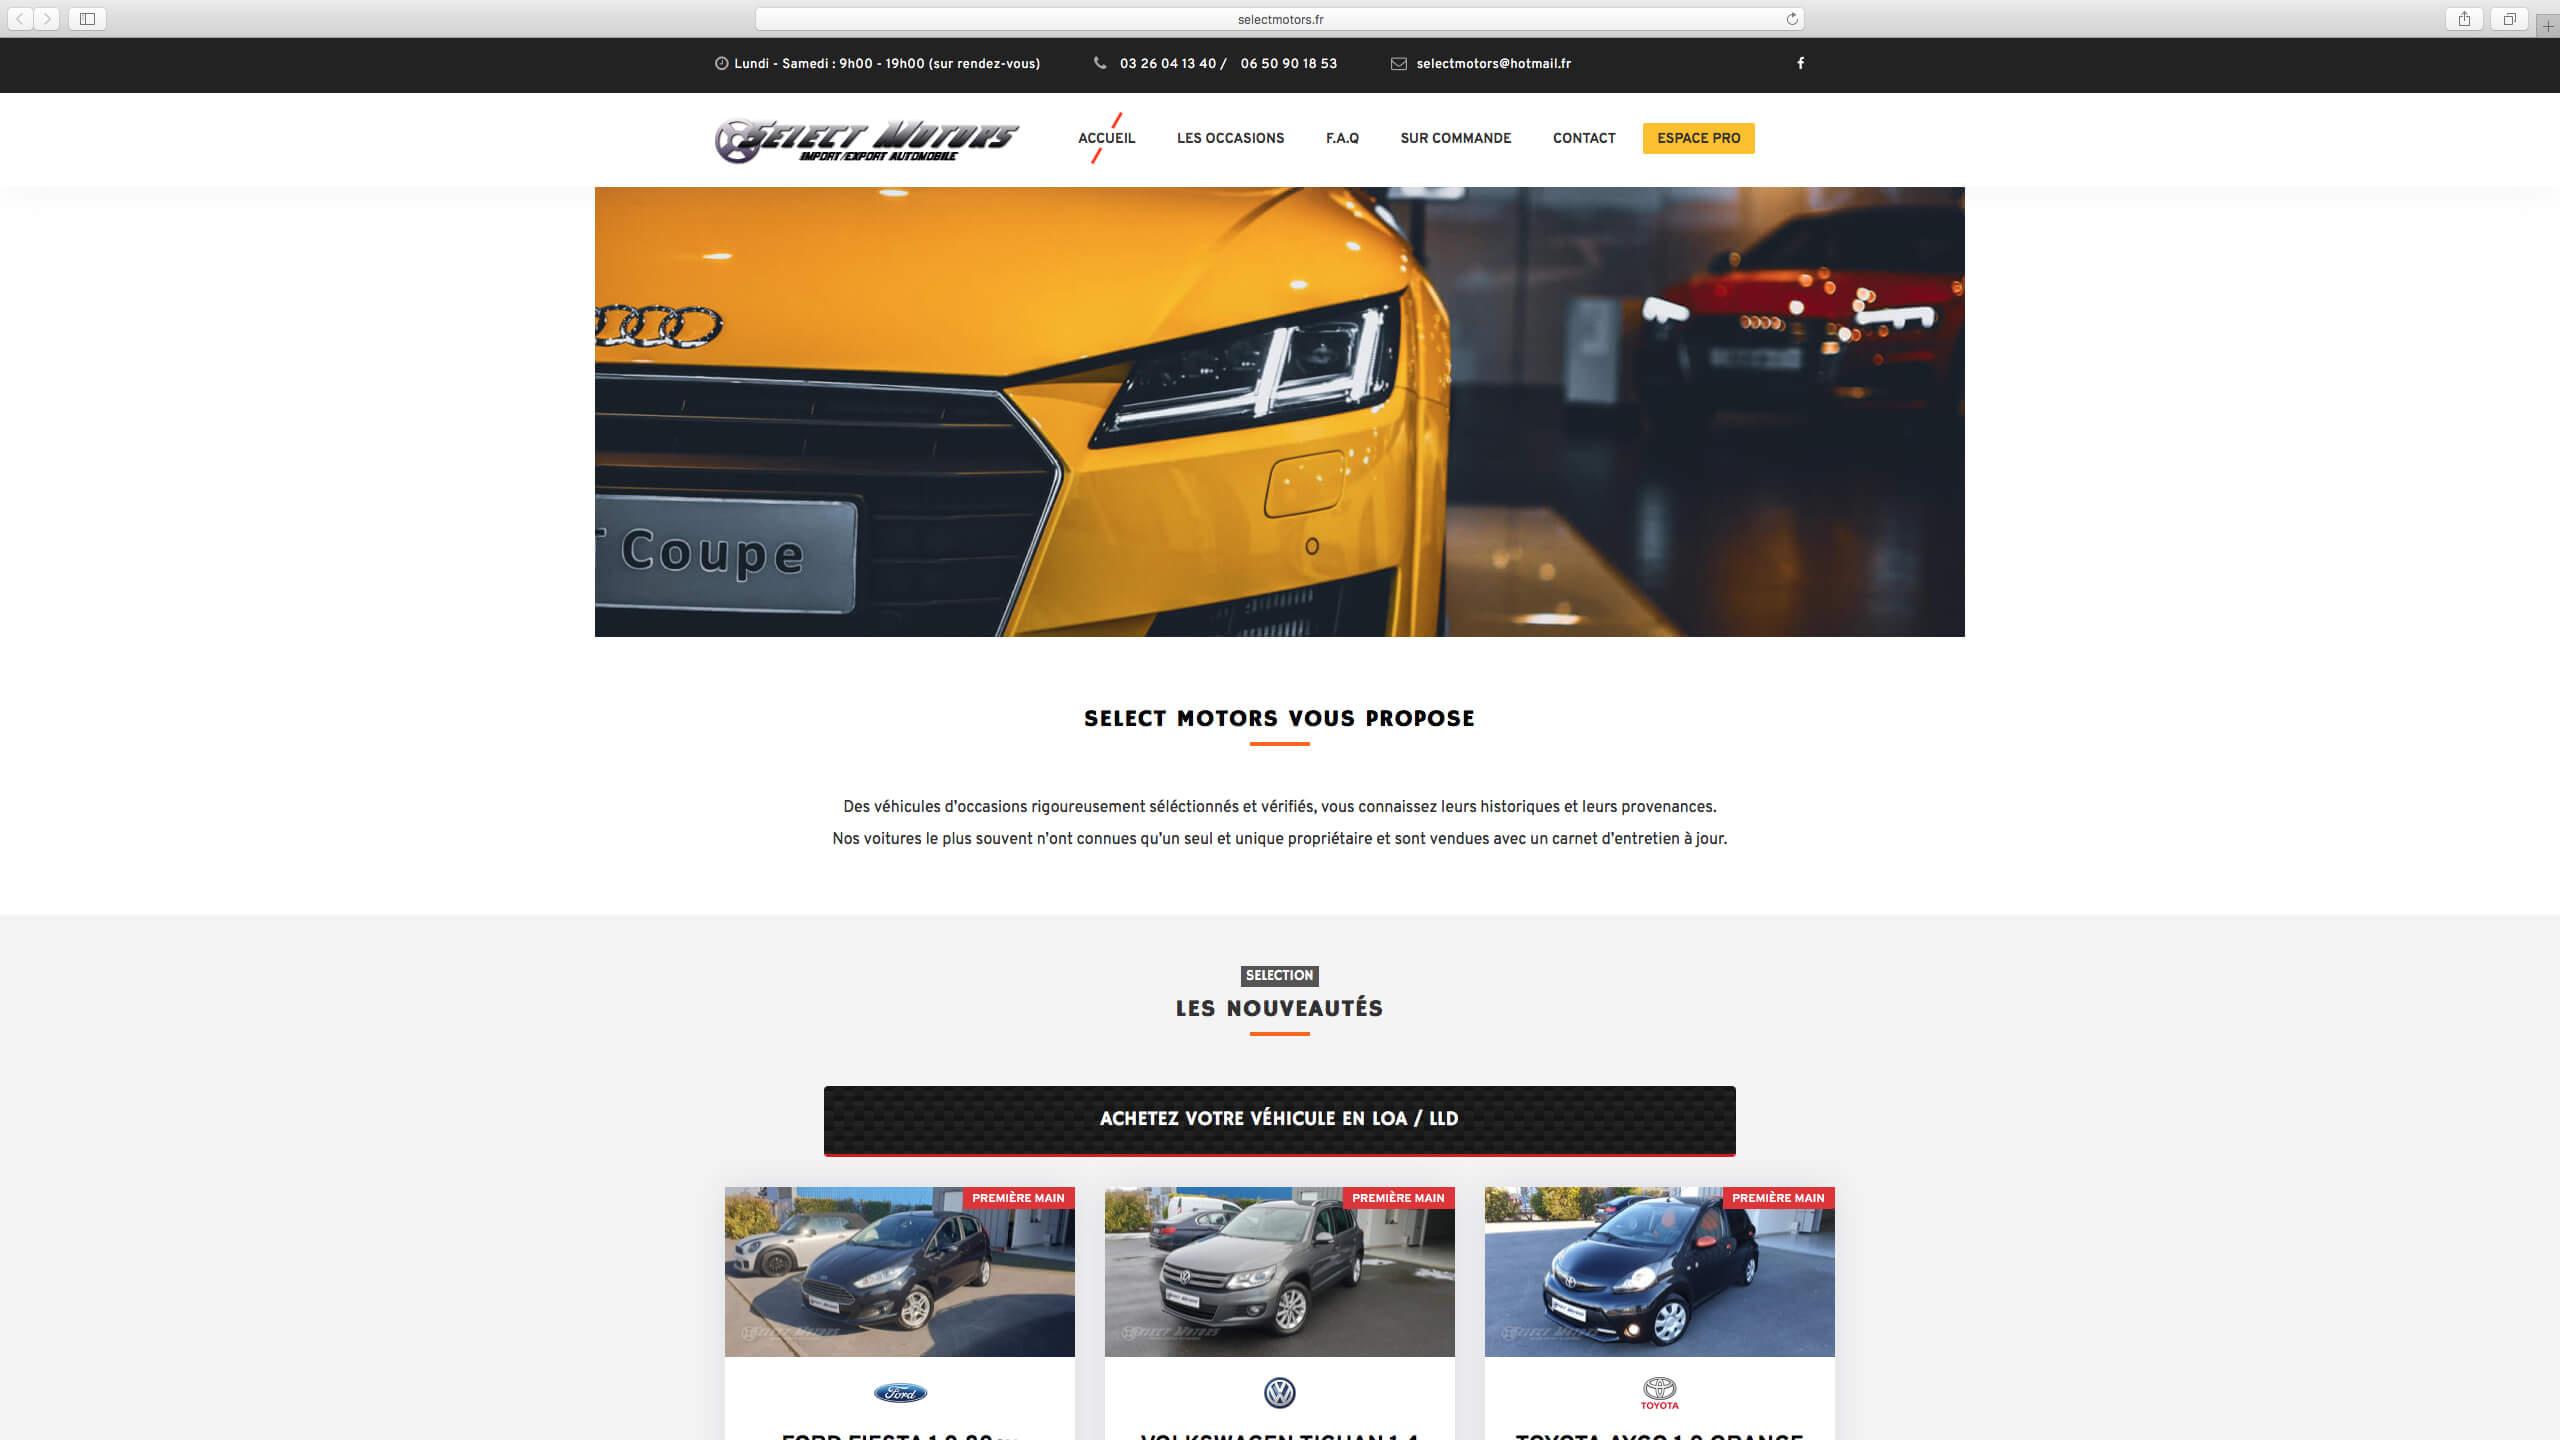 Capture d'écran du site internet Select Motors réalisé par Kevin de Sousa